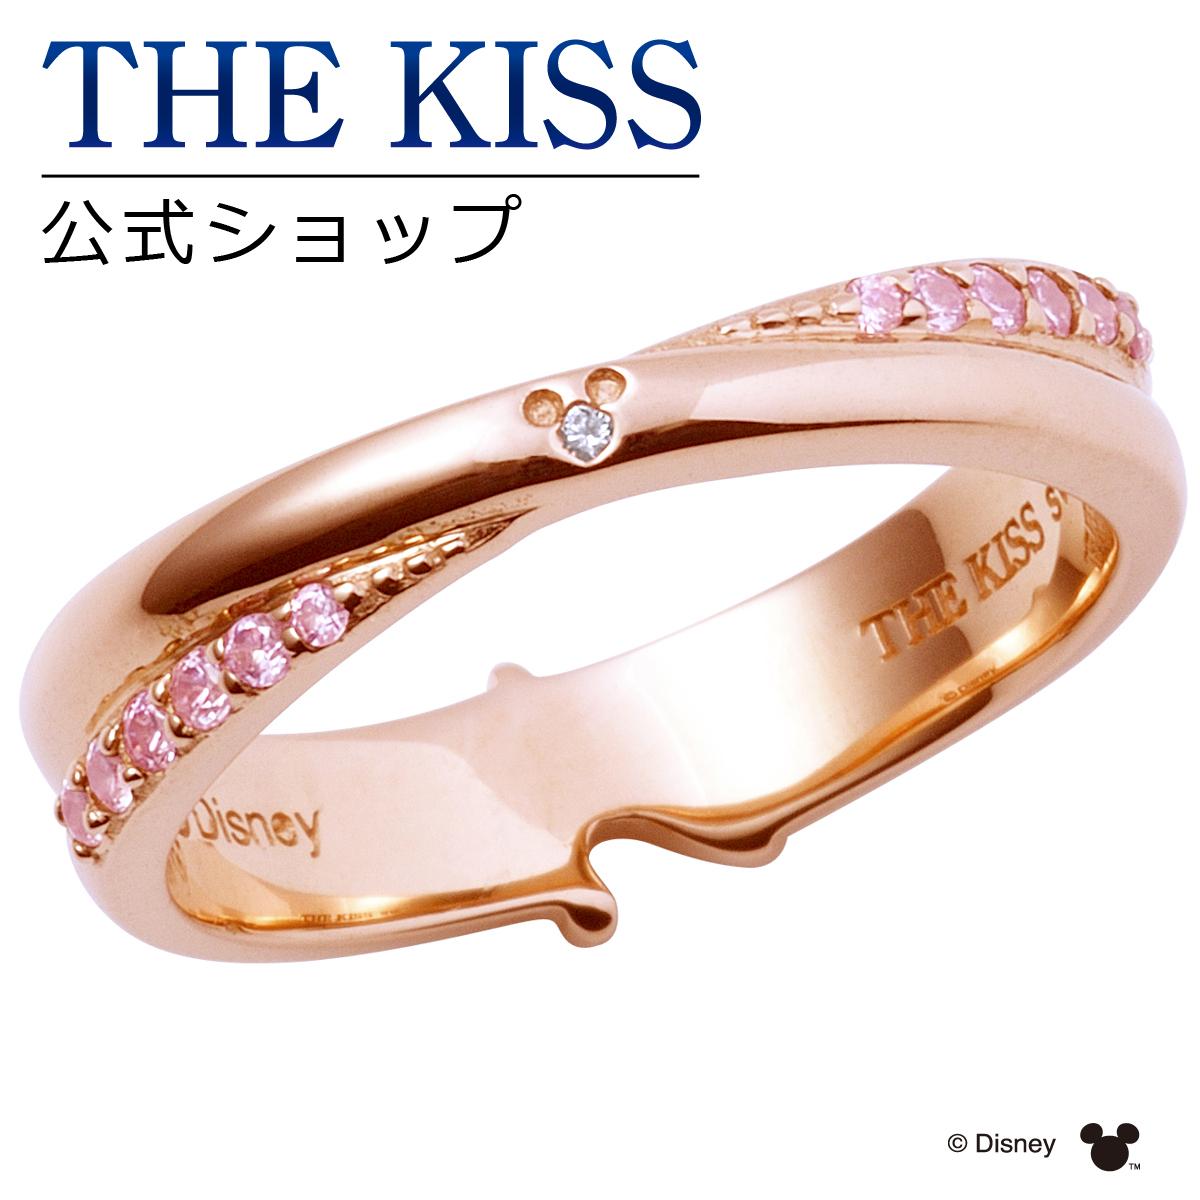 【あす楽対応】【ディズニーコレクション】 ディズニー / ペアリング / ミッキーマウス & ミニーマウス / THE KISS リング・指輪 シルバー (レディース 単品) DI-SR6021DM ザキス 【送料無料】